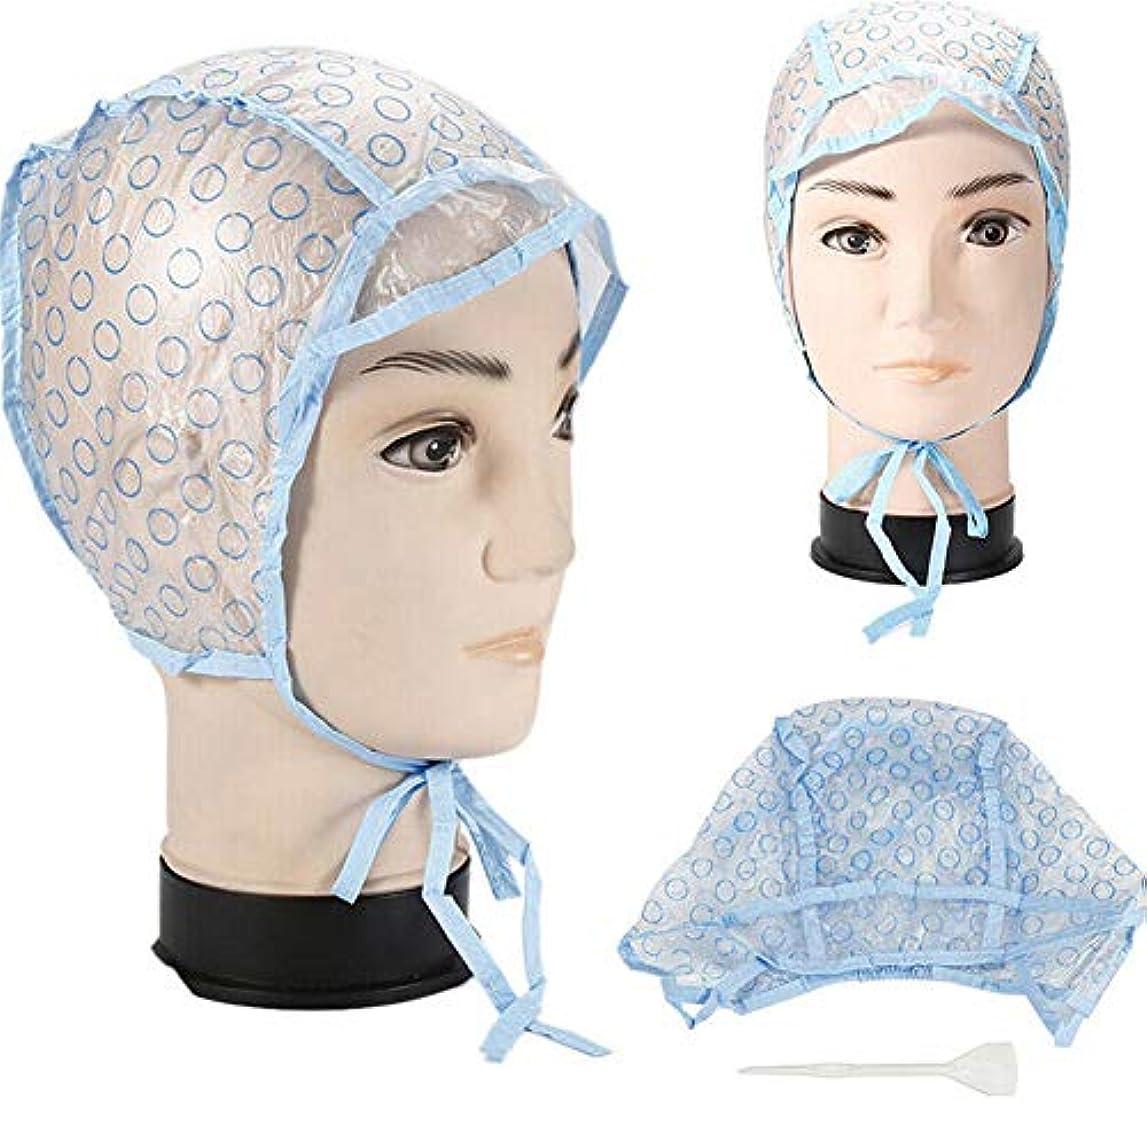 セラフスカート順応性強調表示キャップ、ホームサロンの使用のためのプラスチック製のフック付き使い捨て髪強調表示サロン髪の着色染料キャップ